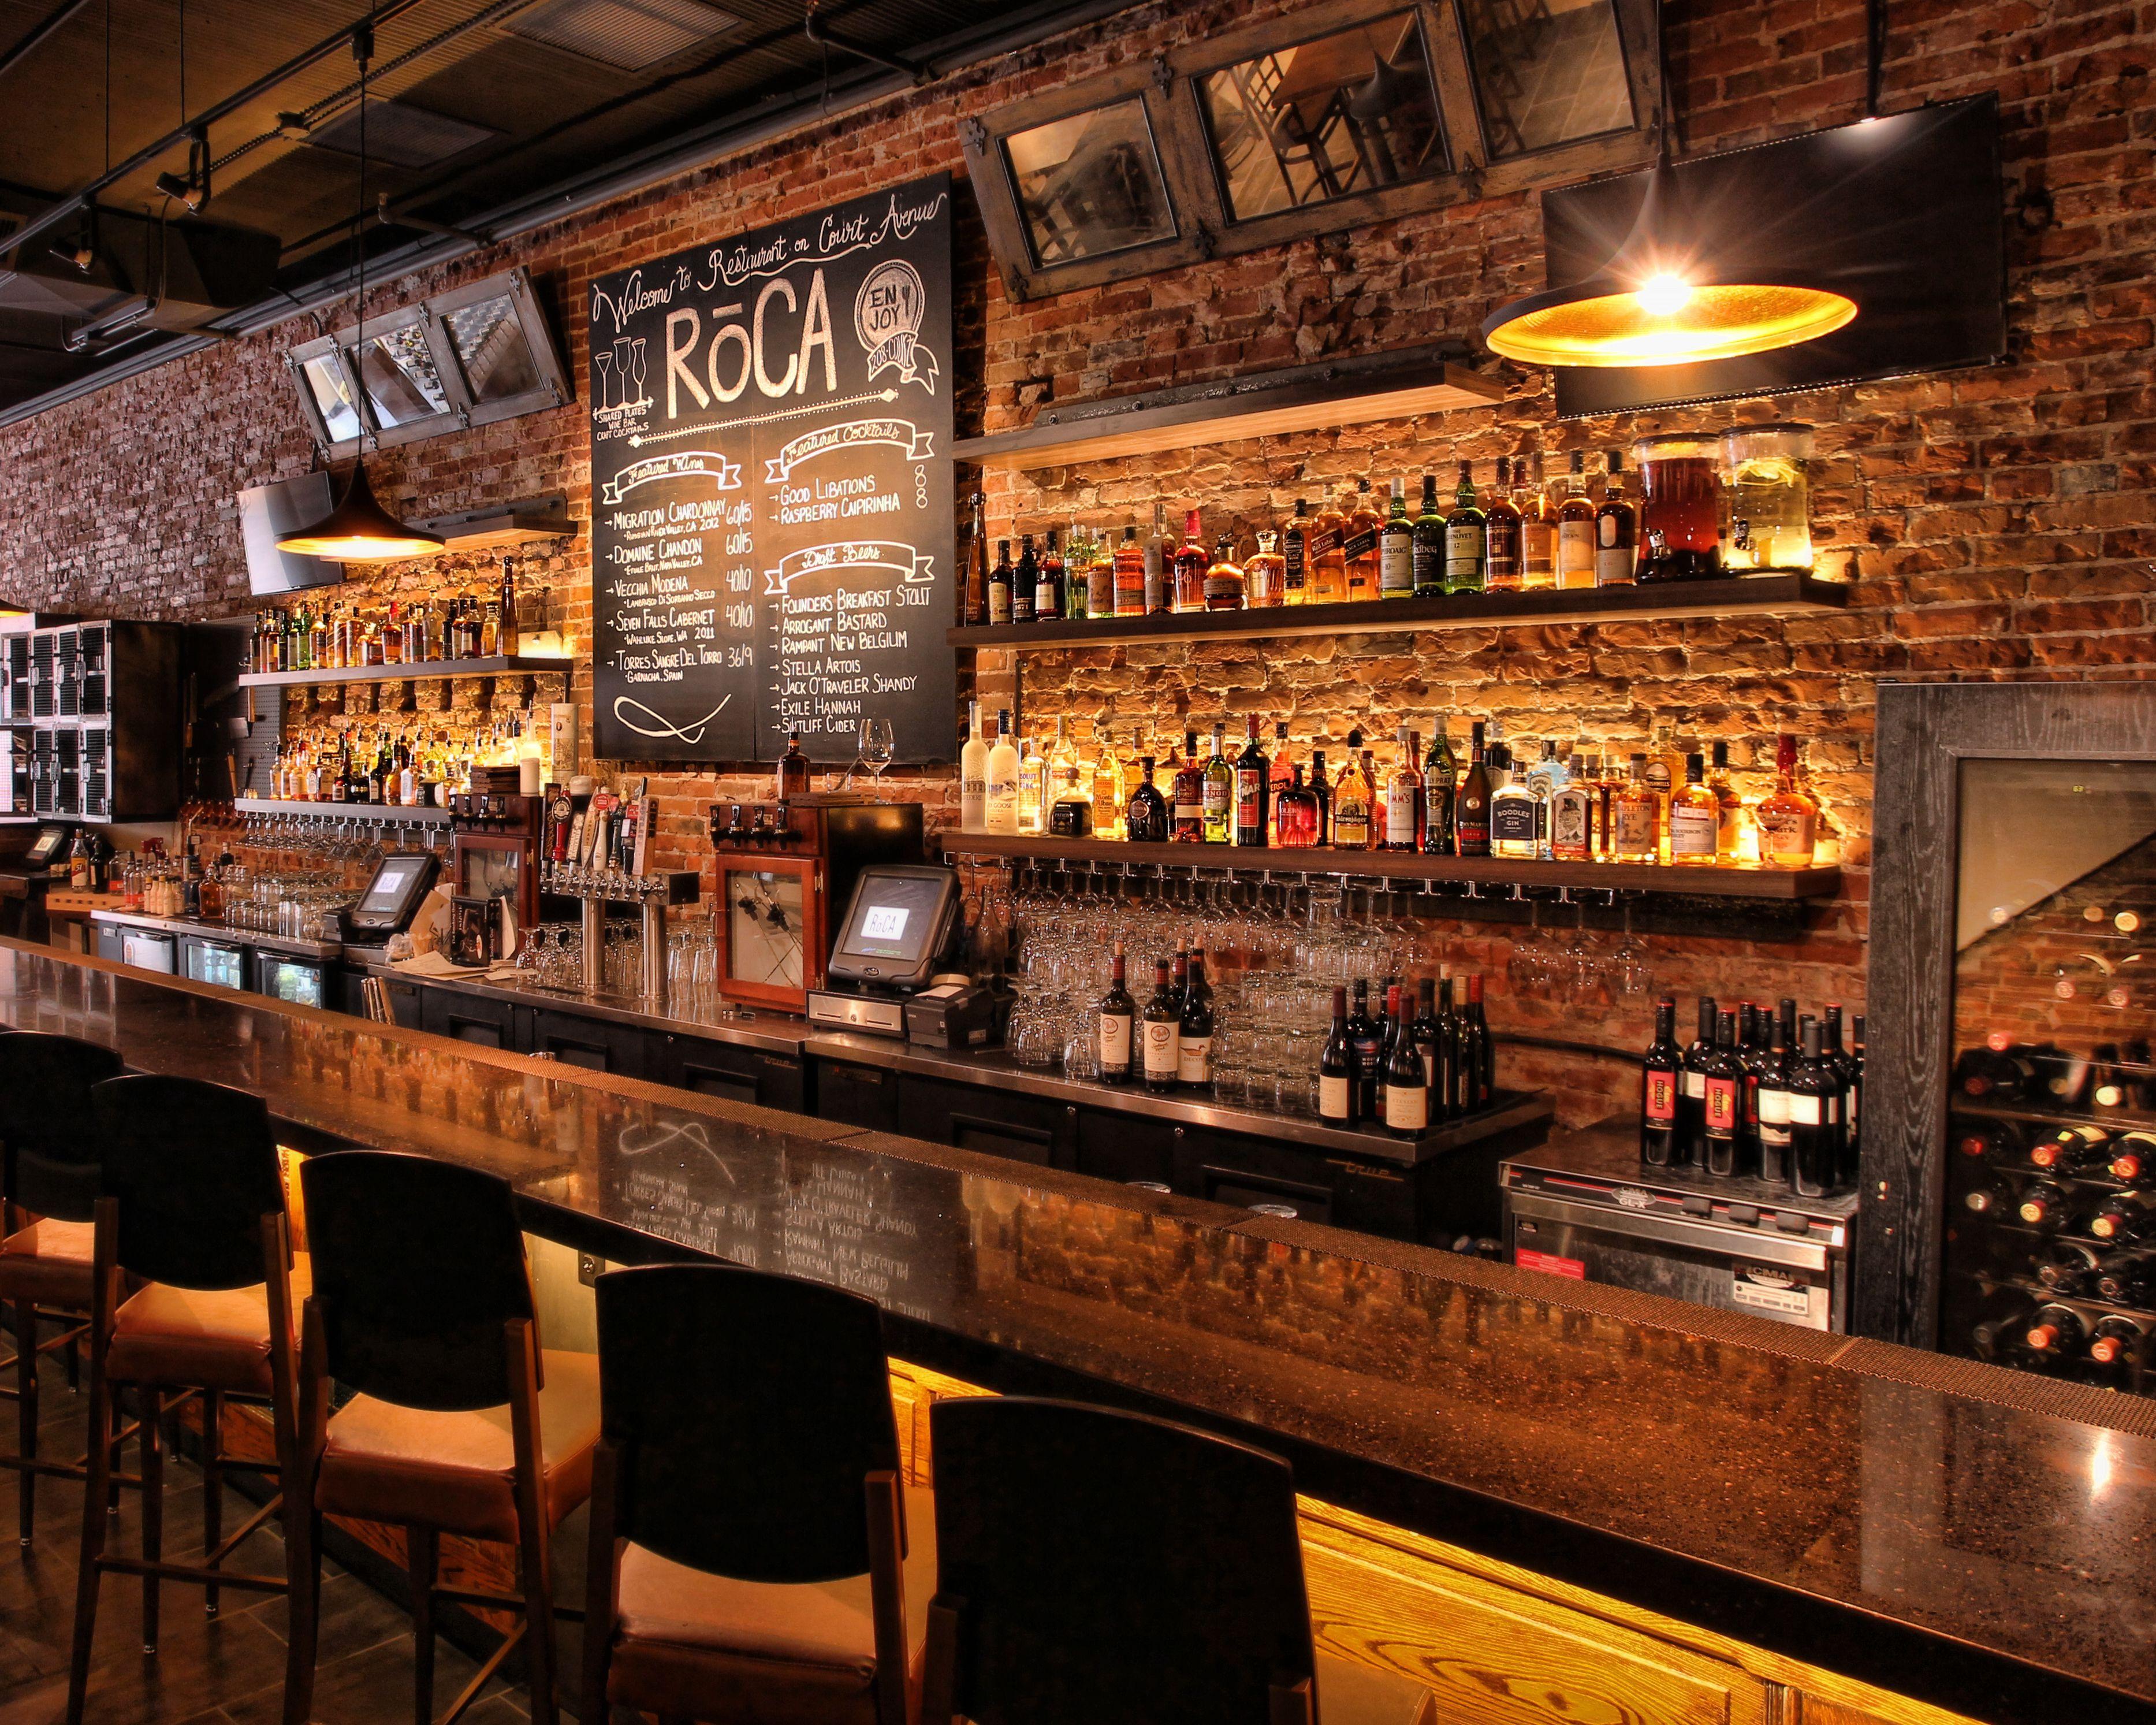 Des Moines Roca Has Been Named To Opentable S Top 100 Hot Spot Restaurants In America